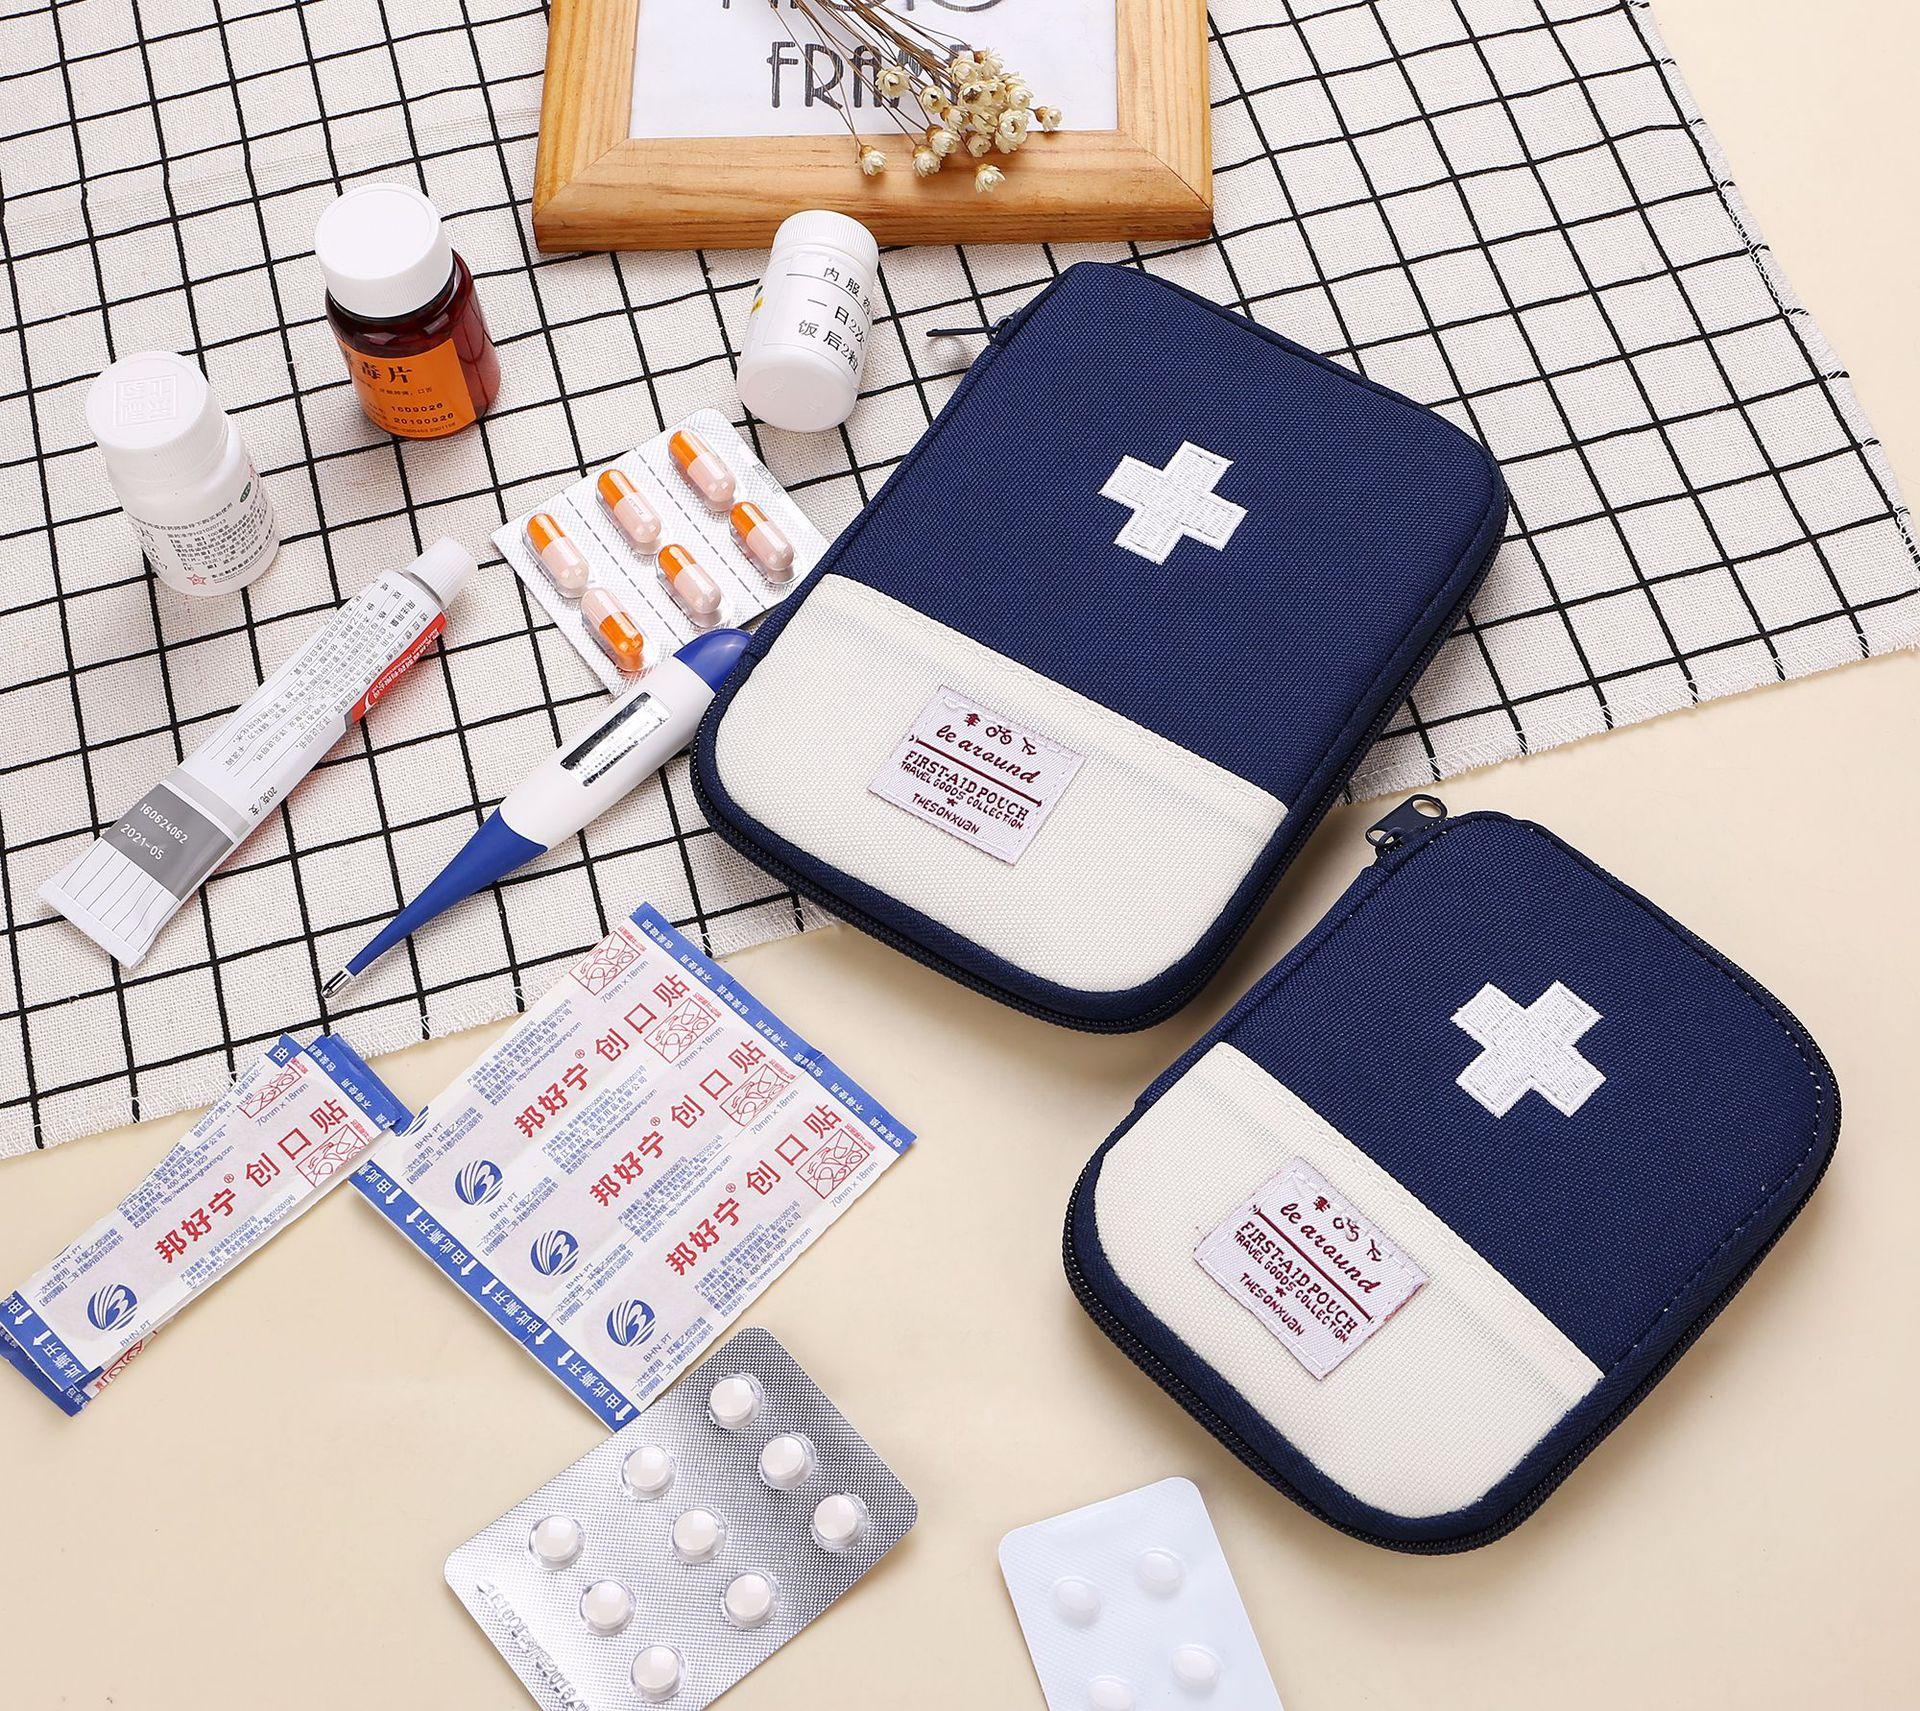 Портативная уличная аптечка первой помощи, дорожная аптечка, аварийный набор, маленькие медицинские разделители, органайзер для хранения